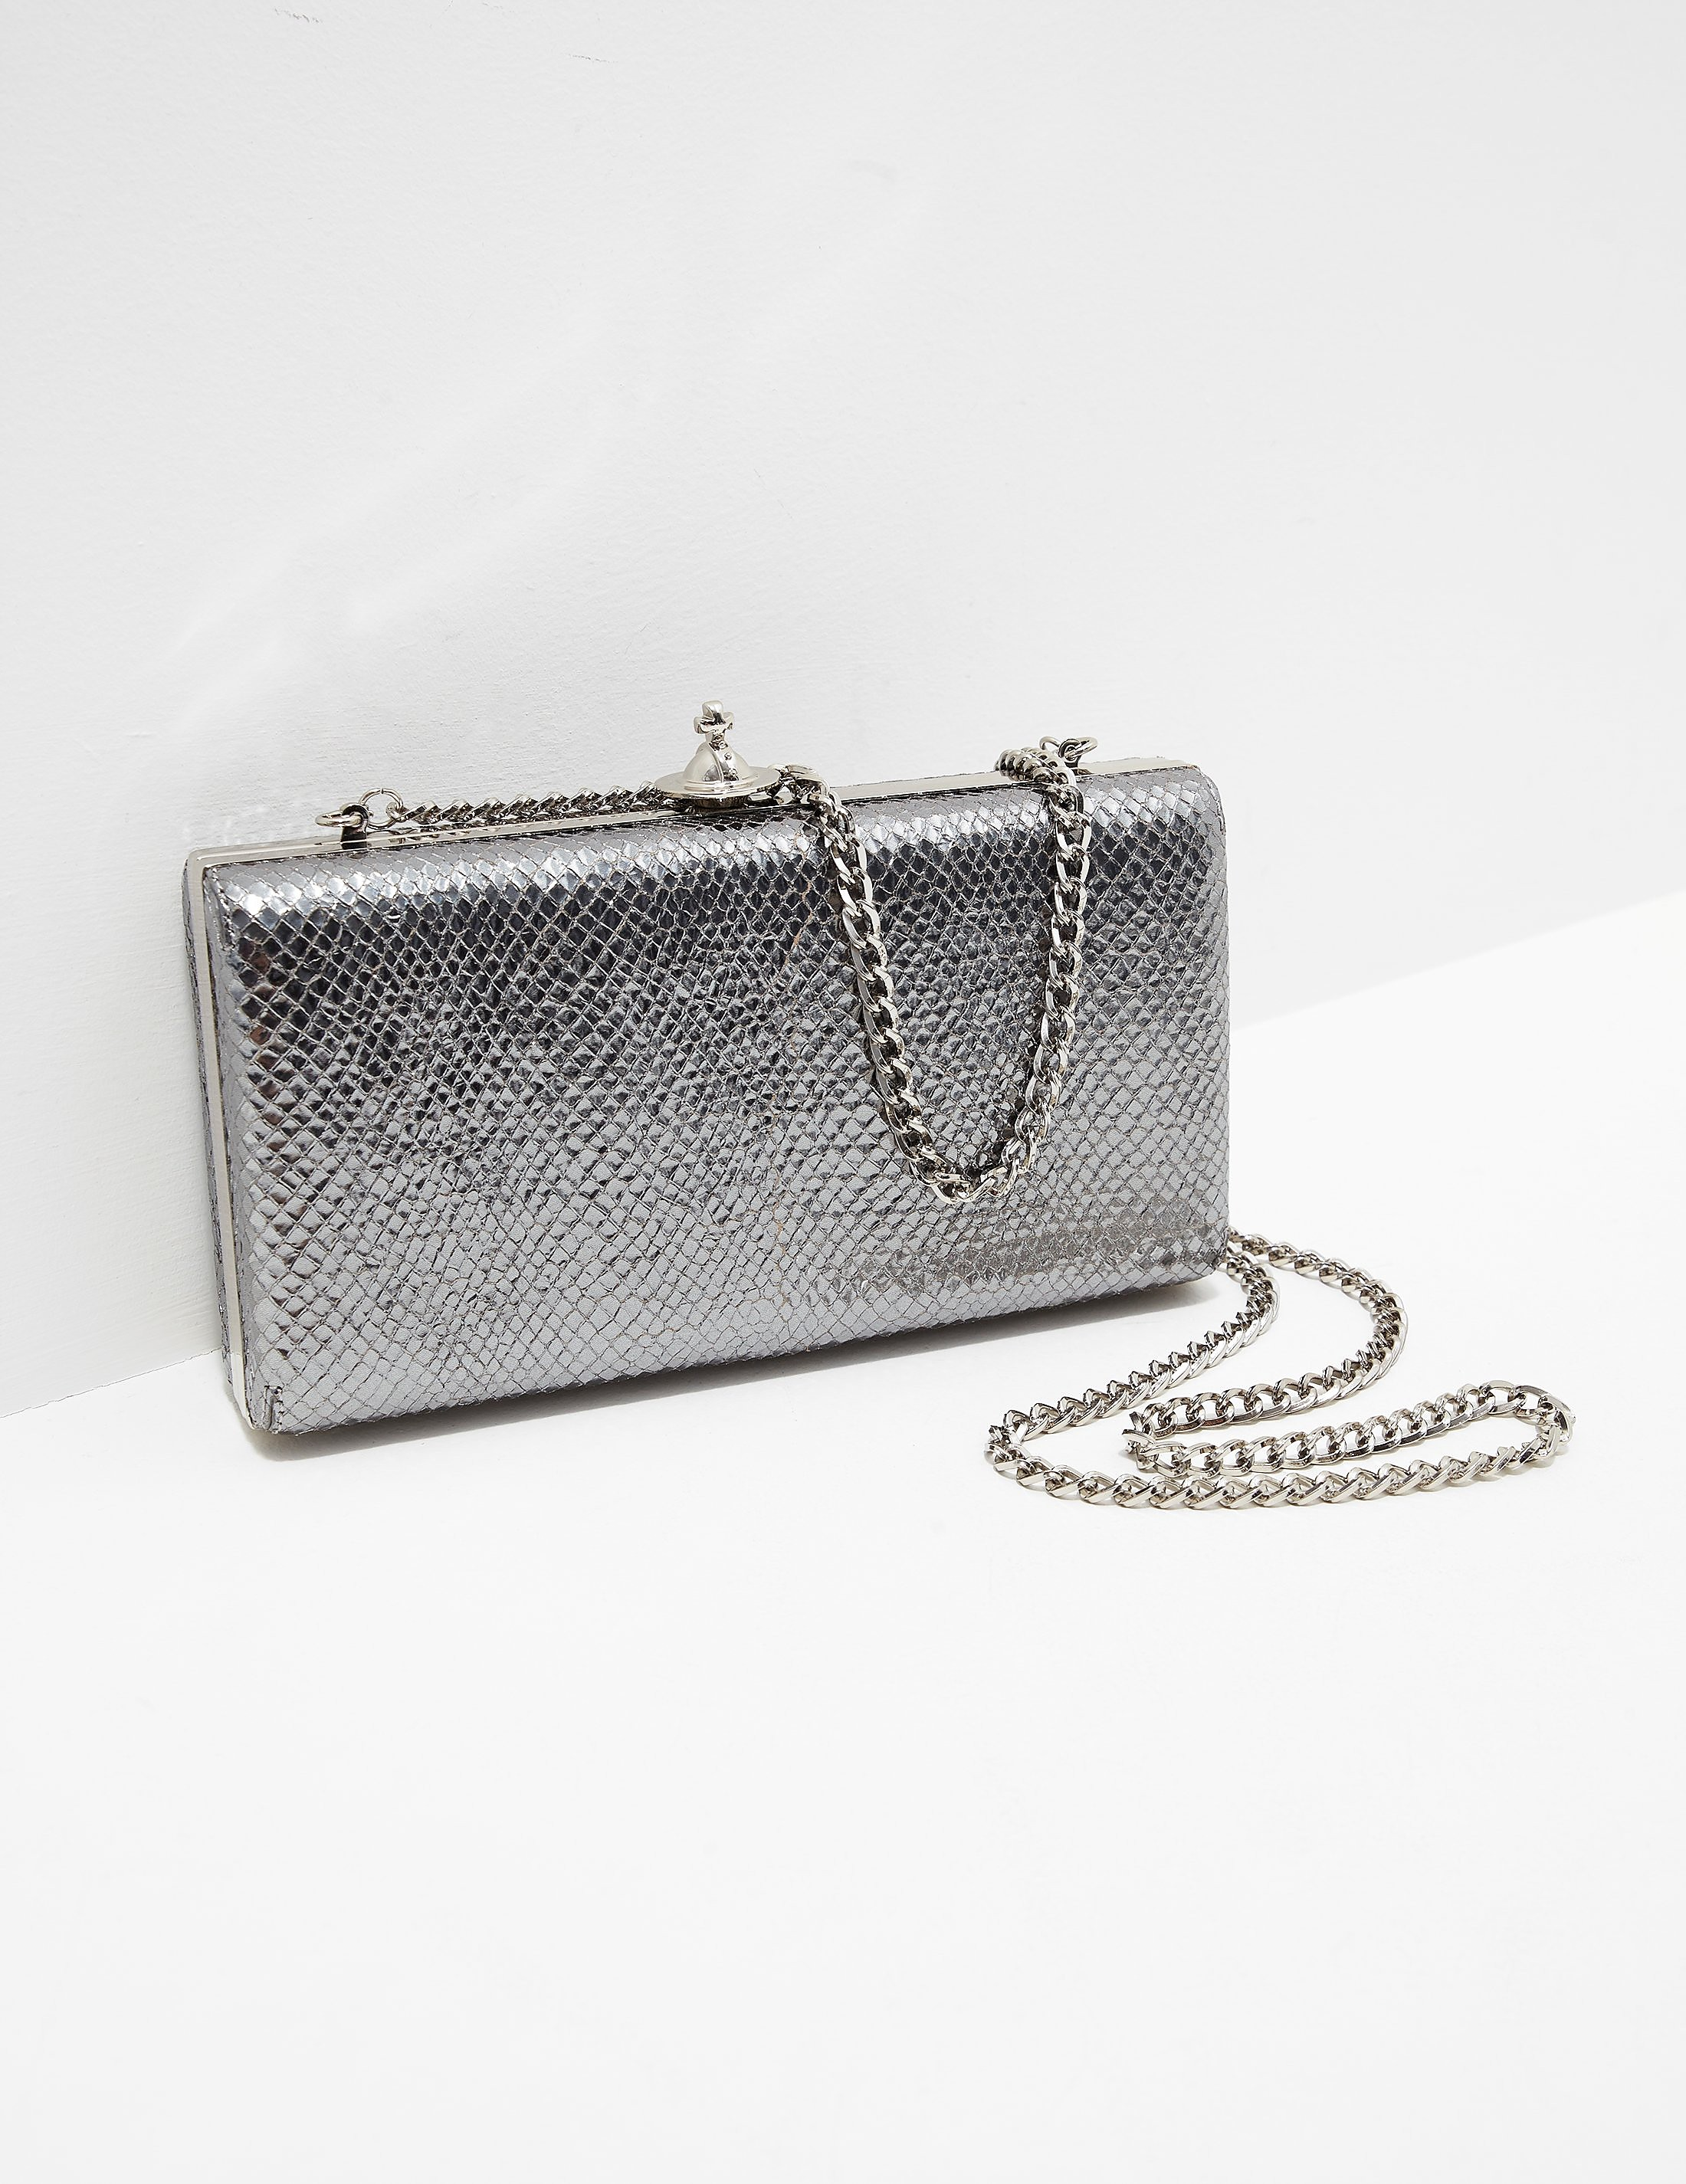 Vivienne Westwood Verona Clutch Bag